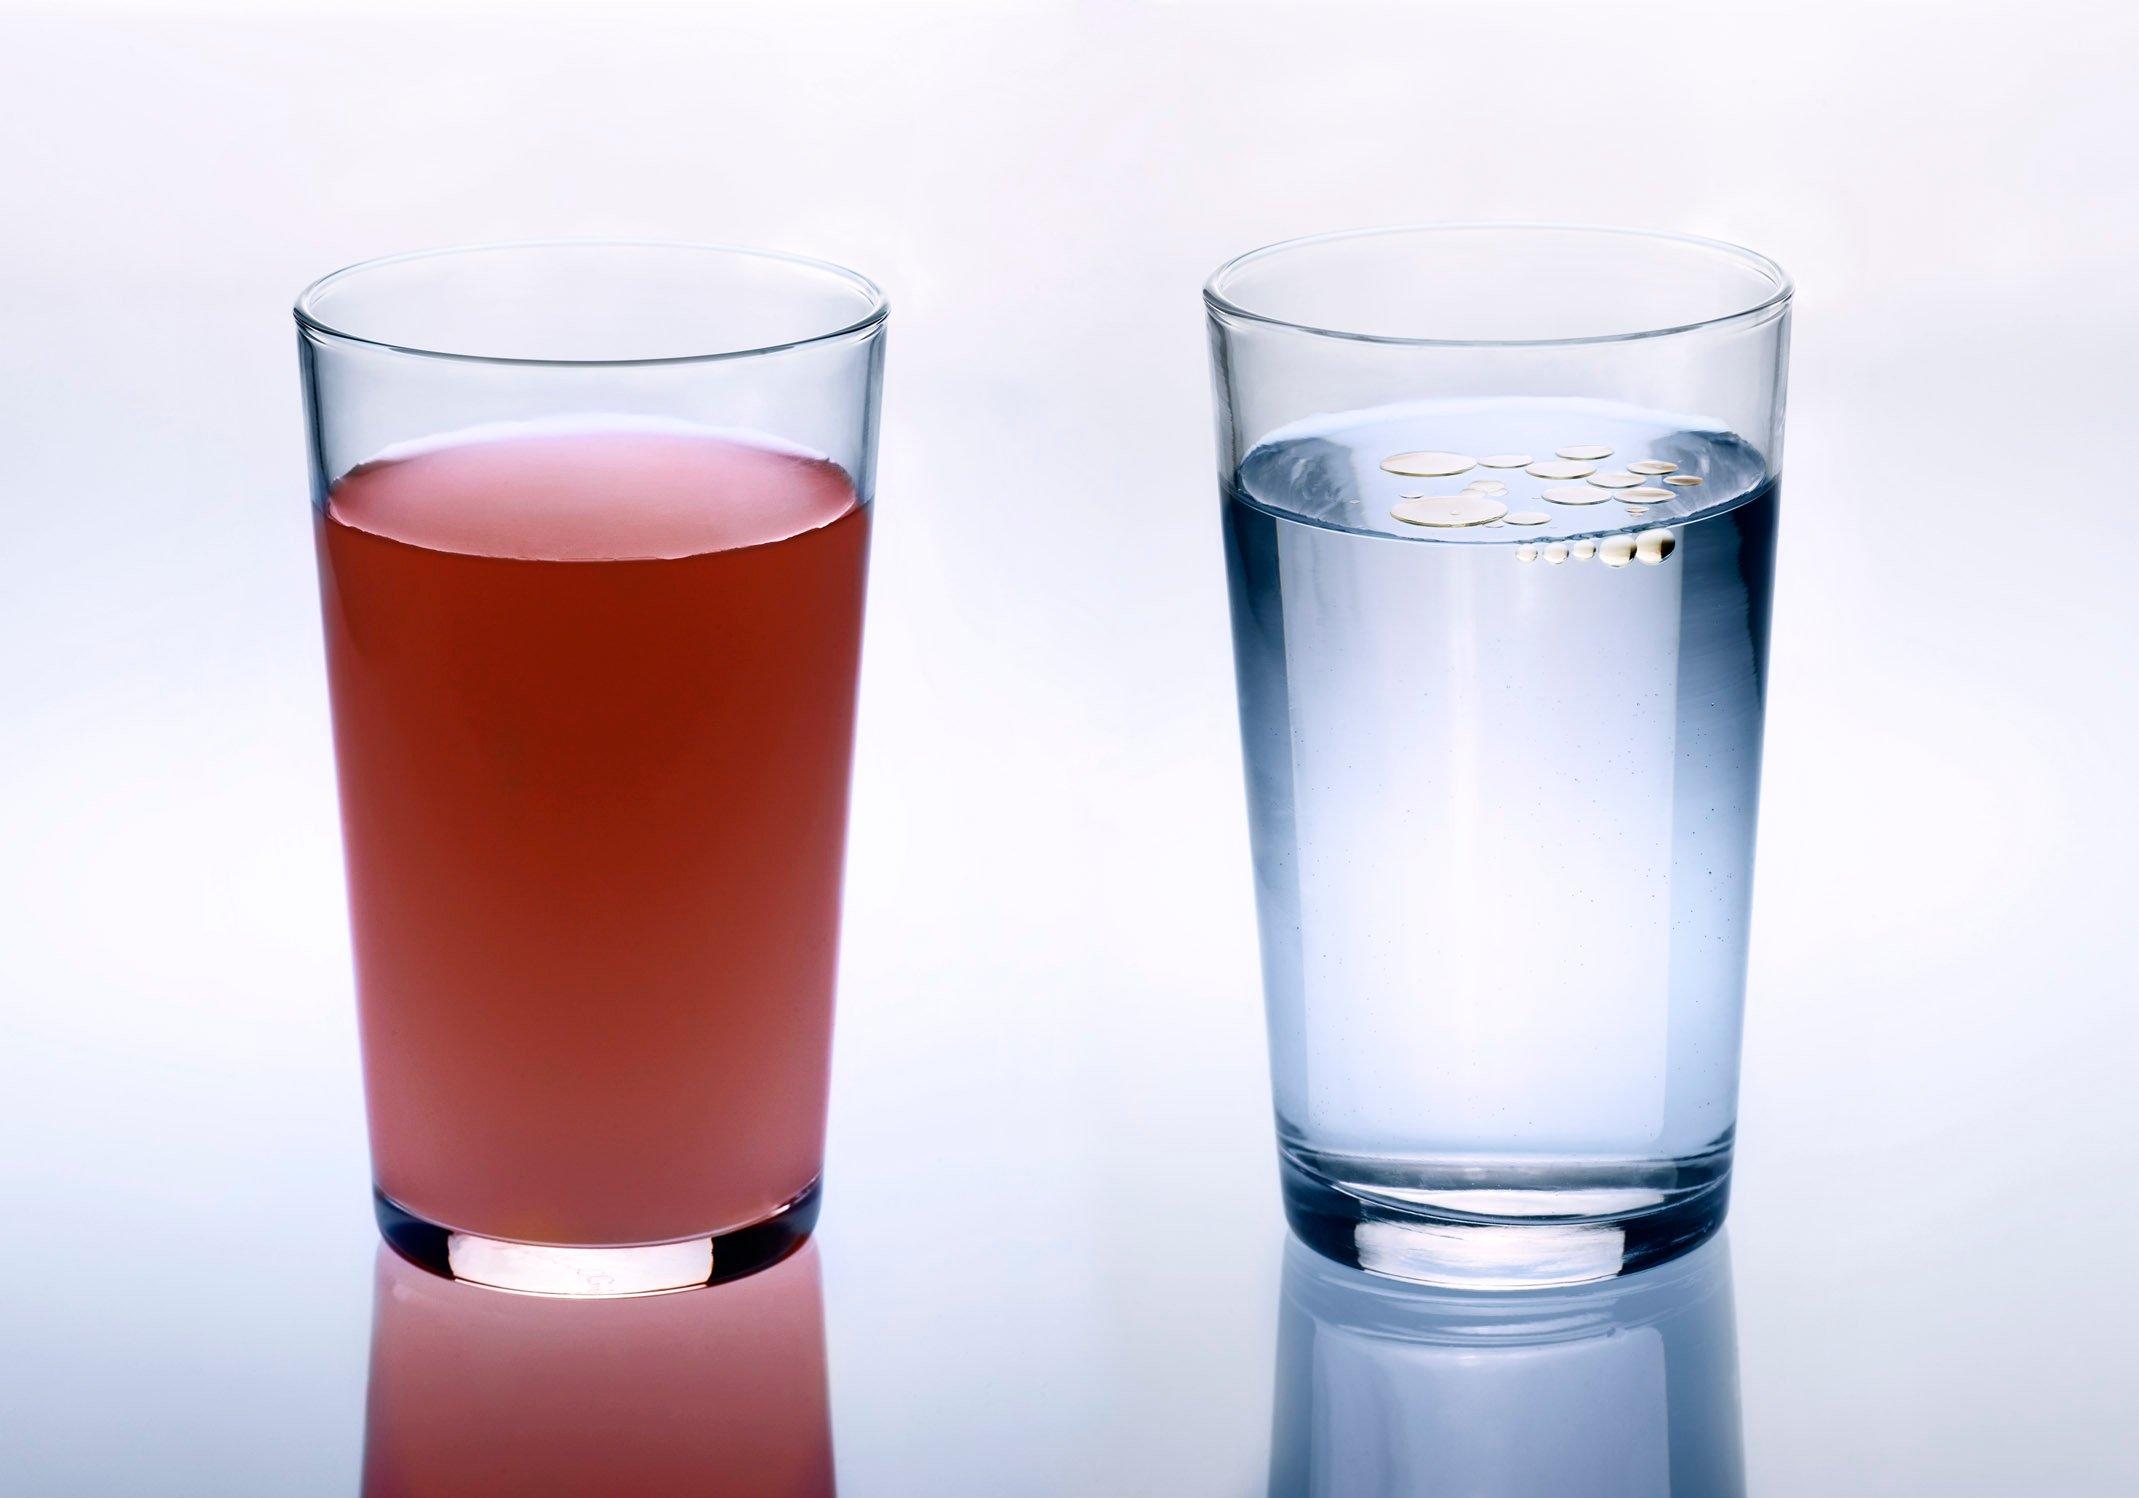 krill oil vs fish oil in water.jpg